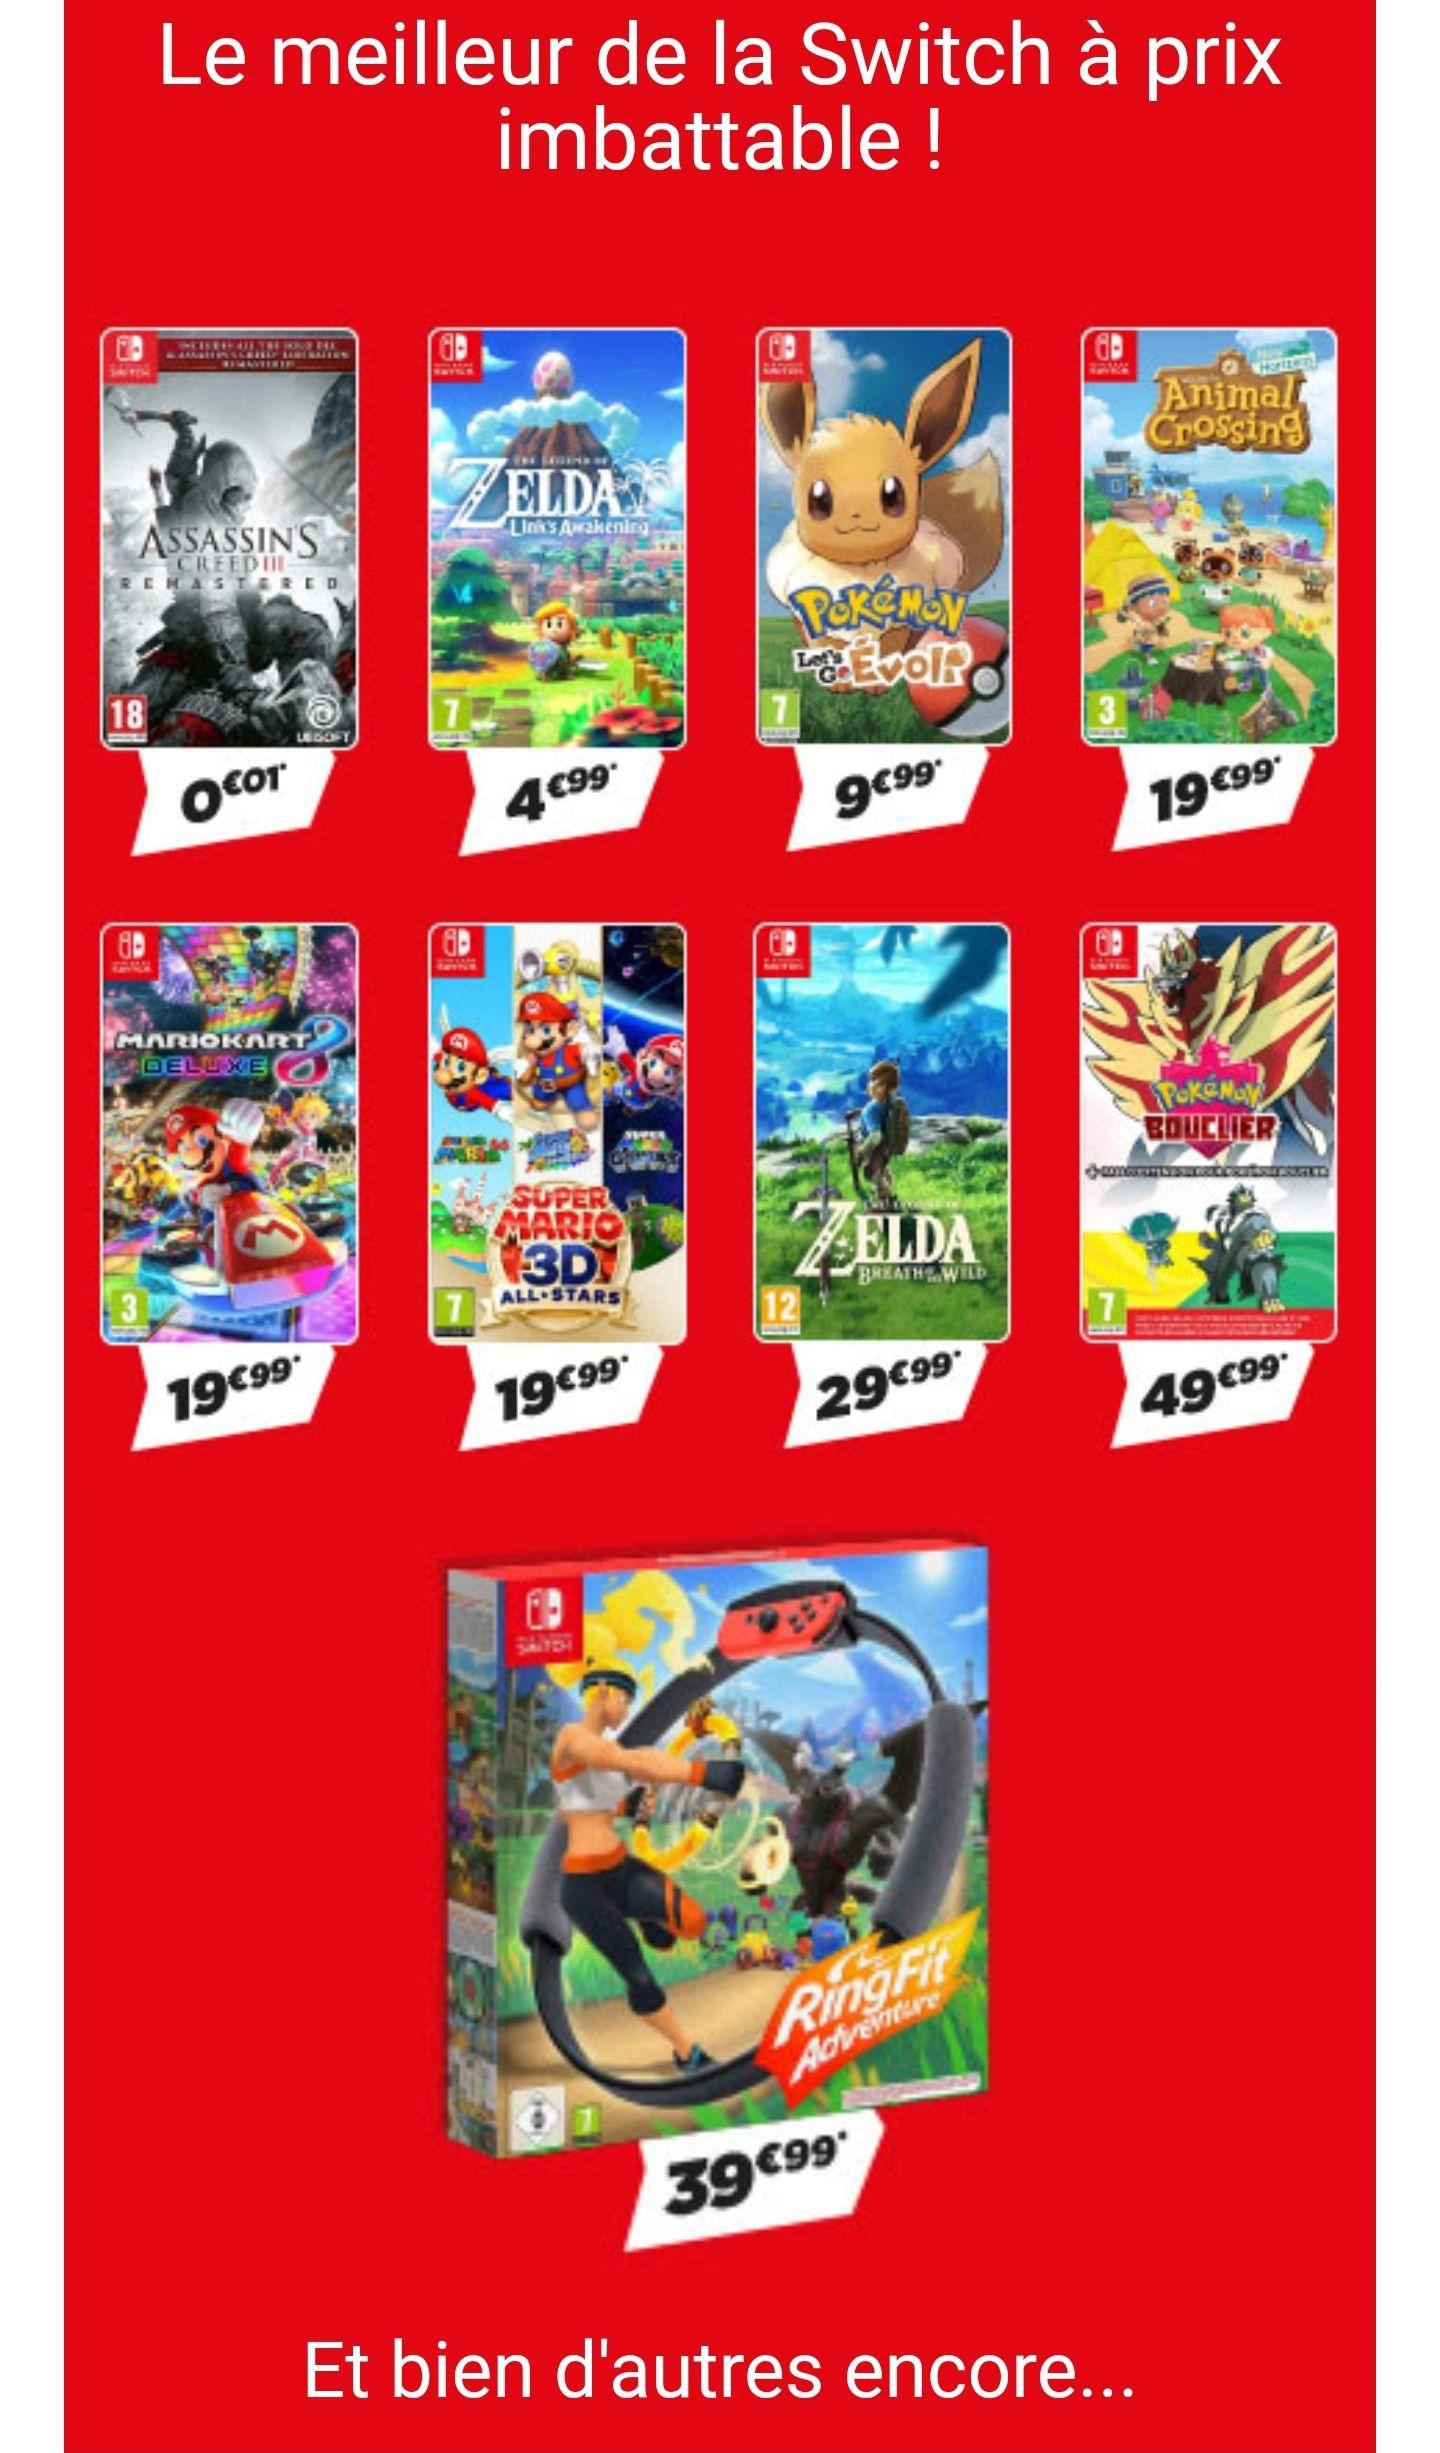 40€ de réduction sur l'achat d'un jeu Nintendo Switch (via reprise - parmi une sélection) - Ex : Zelda Links Awakening